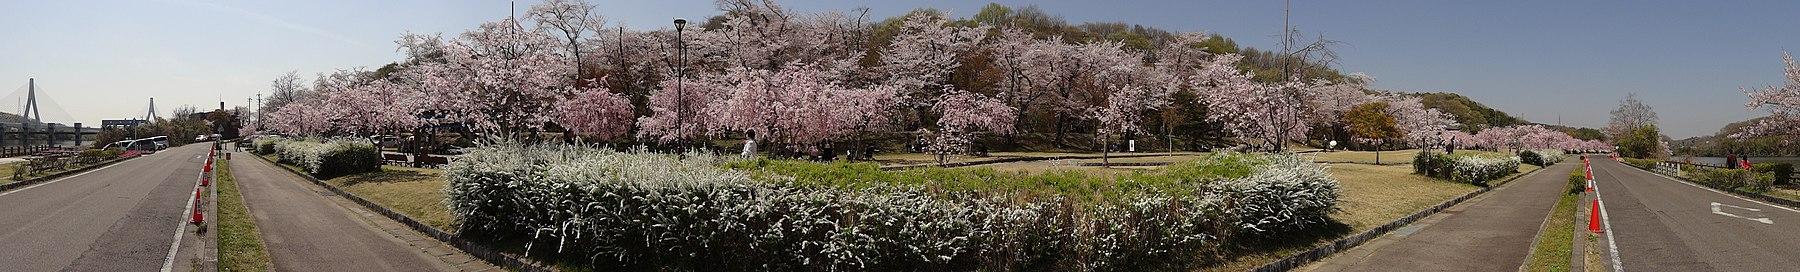 水源公園 (愛知県豊田市水源町) - panoramio (10).jpg